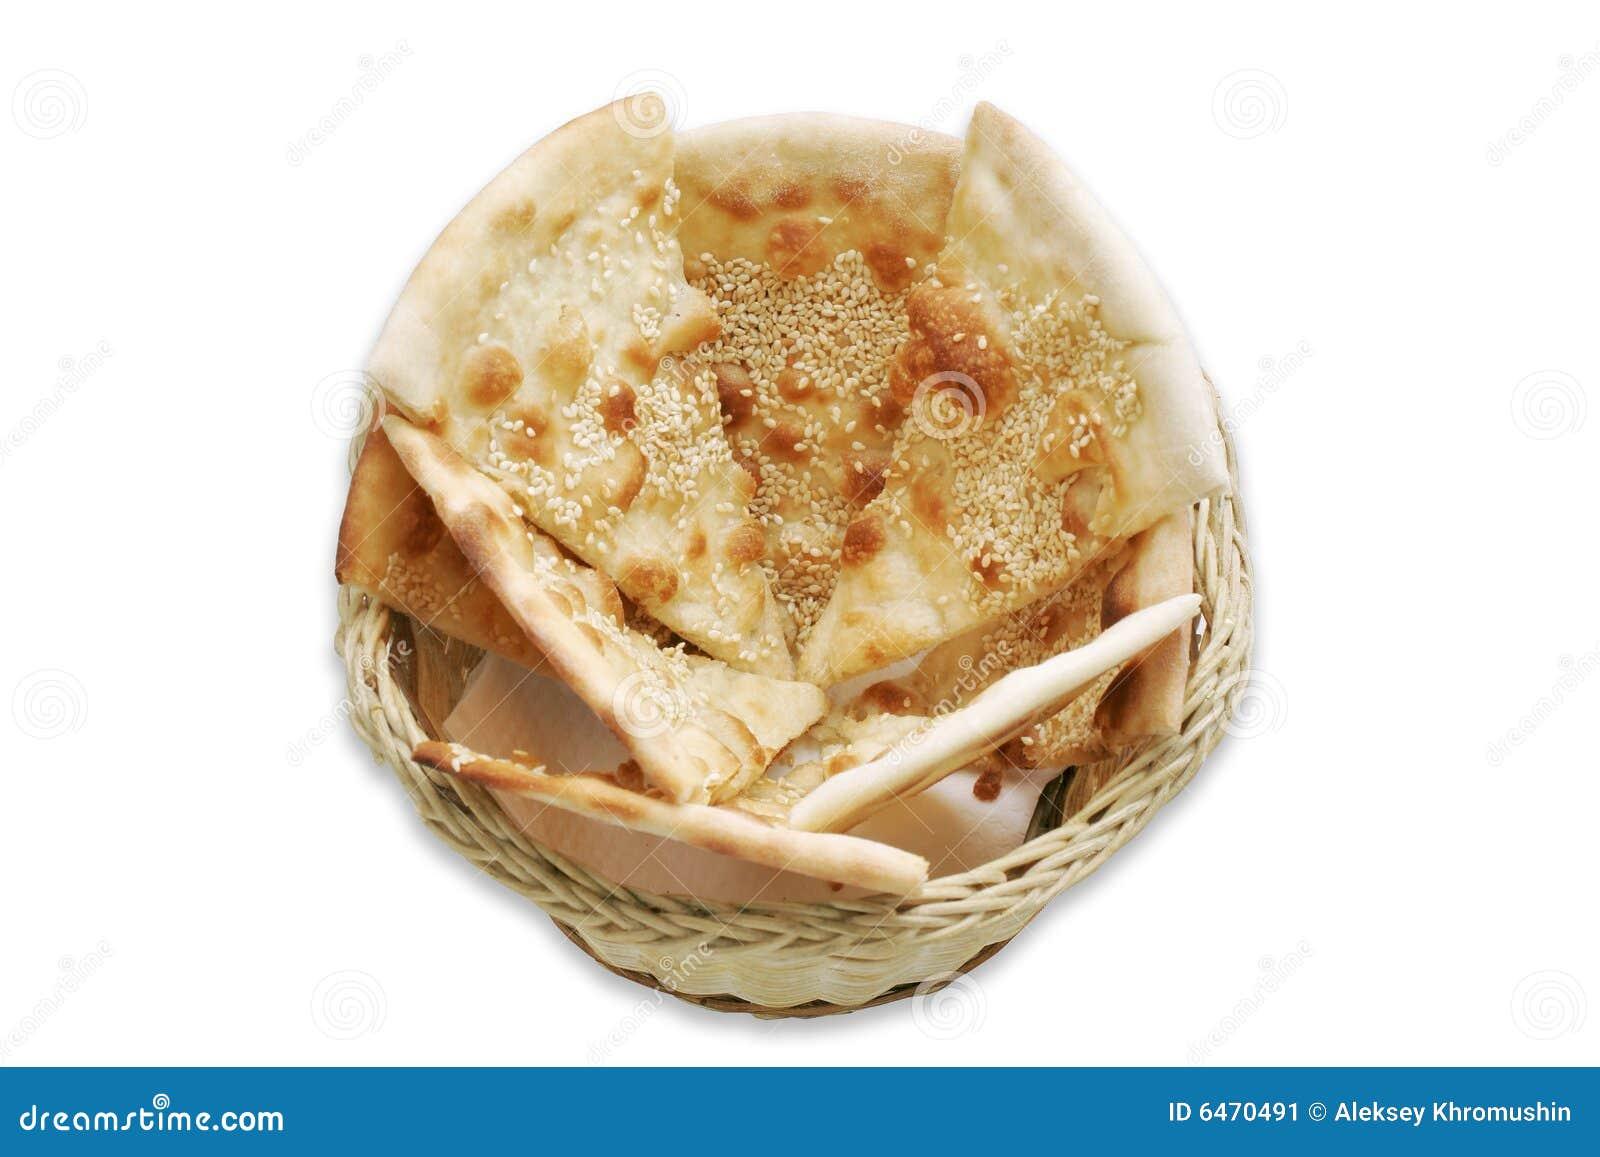 We włoszech chlebowy